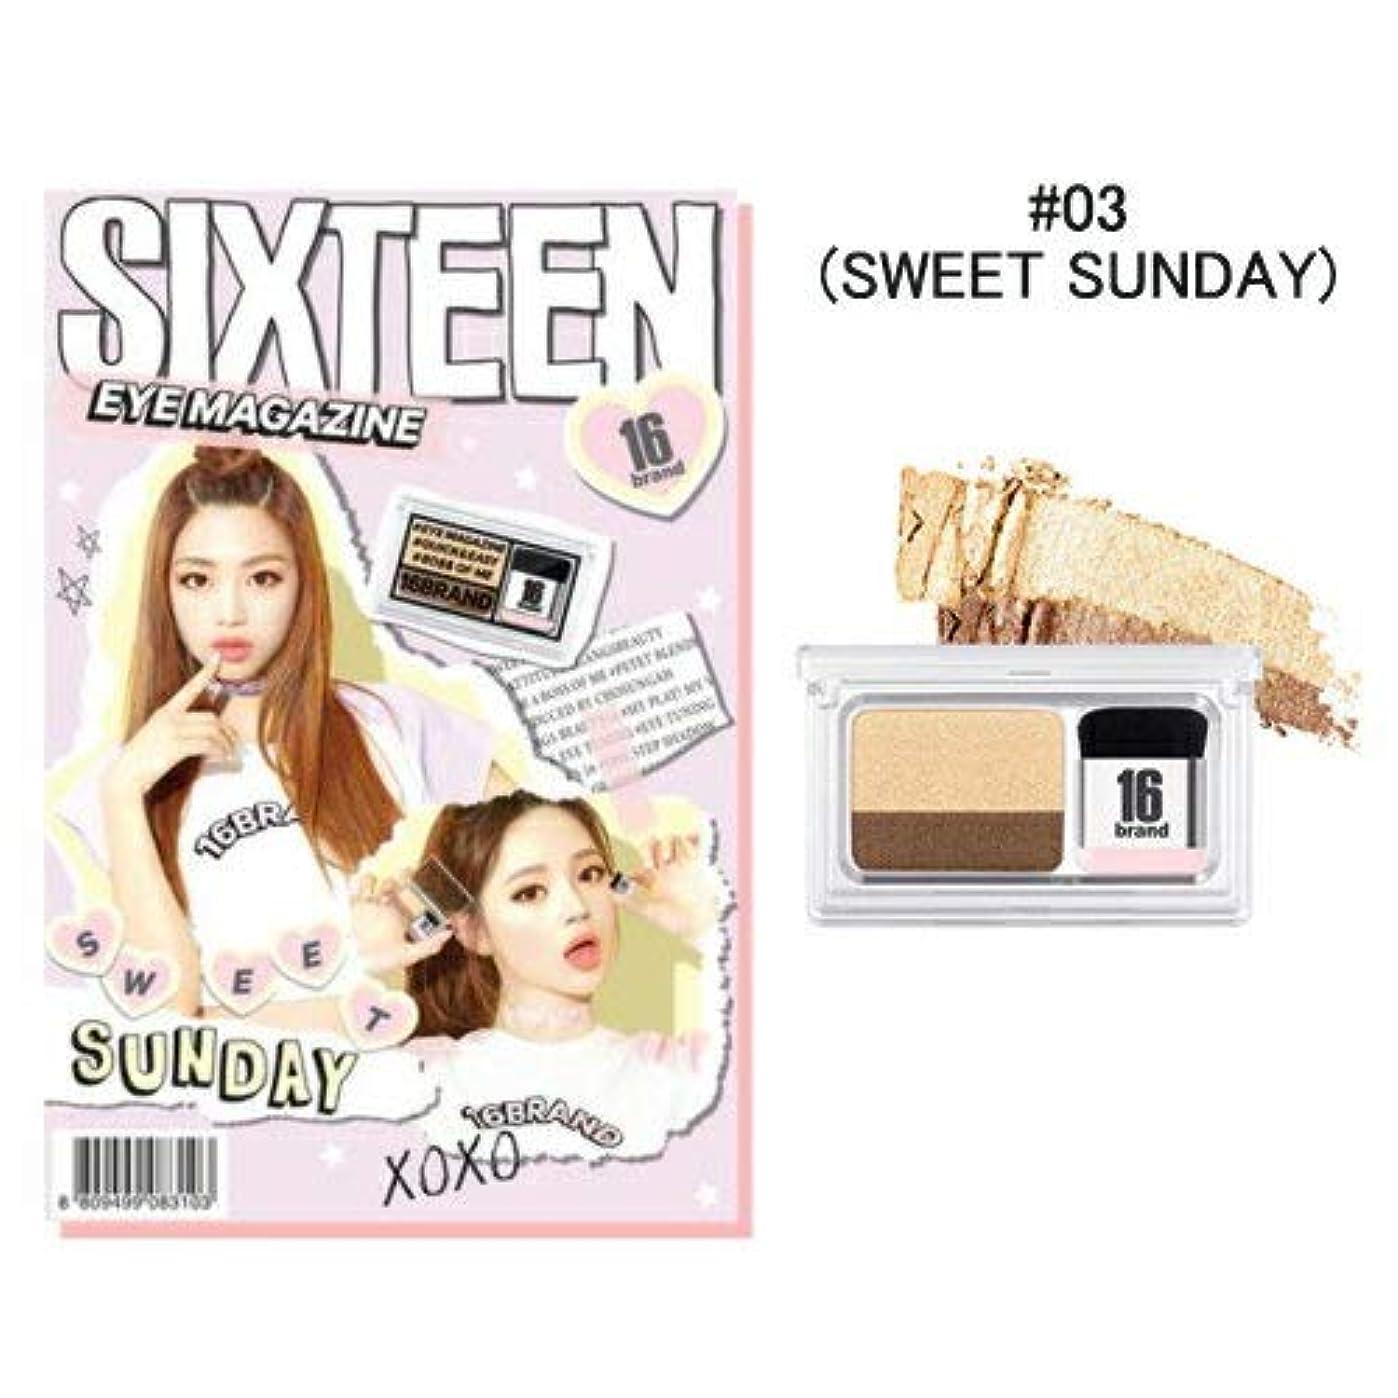 熱心口径マチュピチュ[New Color] 16brand Sixteen Eye Magazine 2g /16ブランド シックスティーン アイ マガジン 2g (#03 SWEET SUNDAY) [並行輸入品]